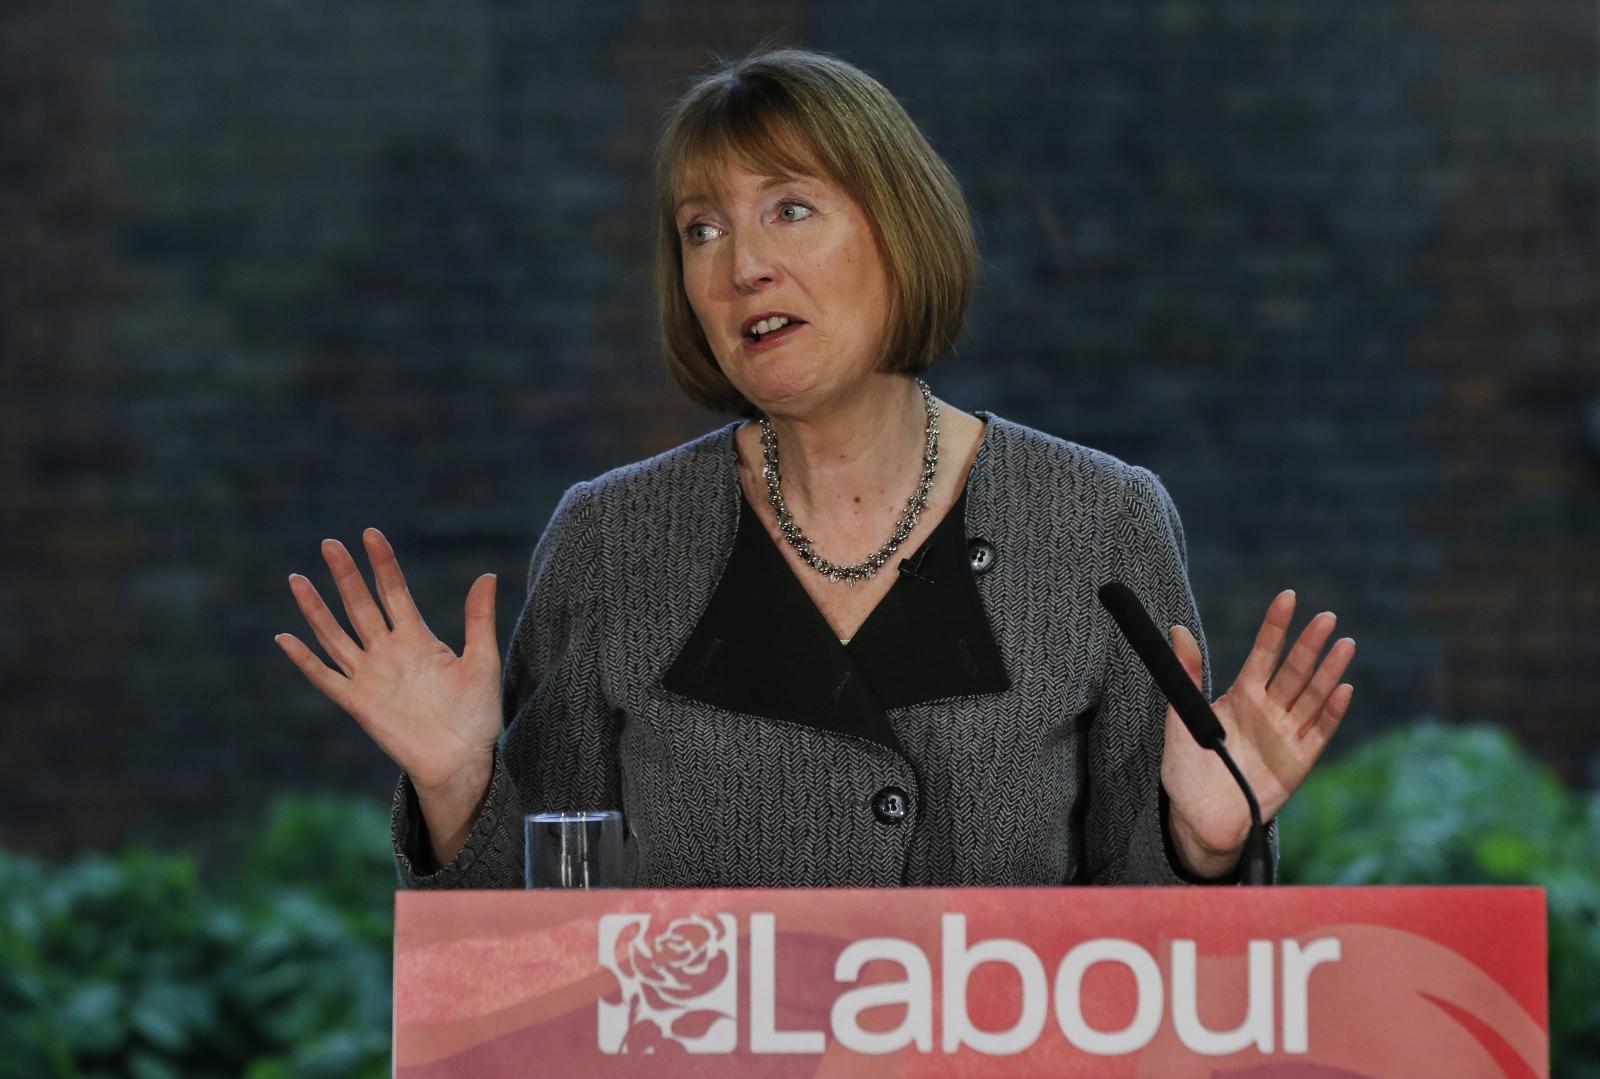 Labour backs EU referendum